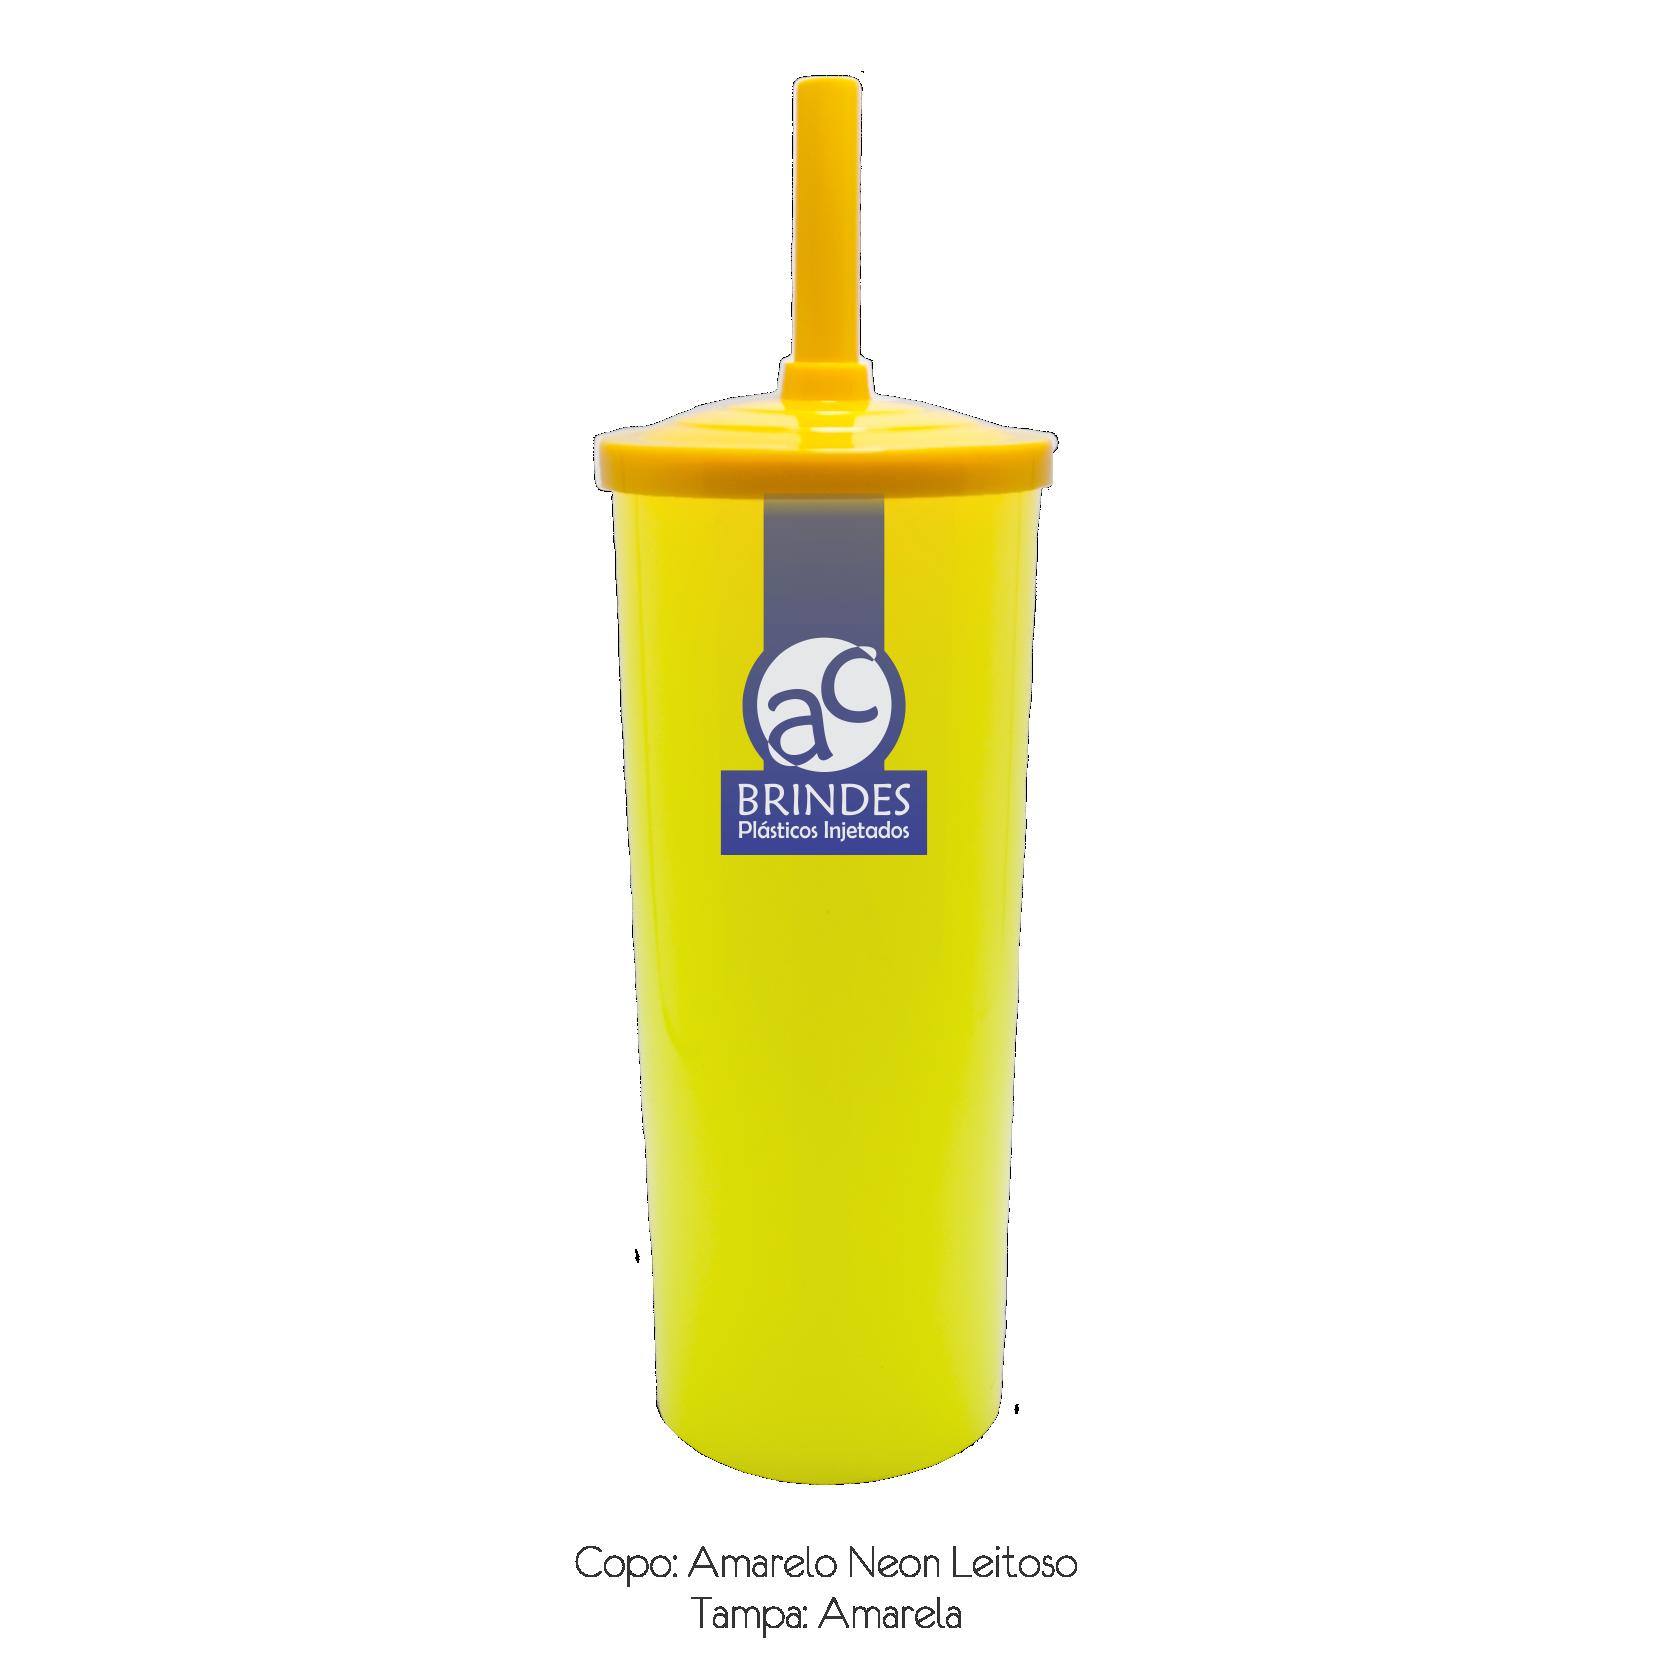 Amarelo Neon Leitoso - Amarela